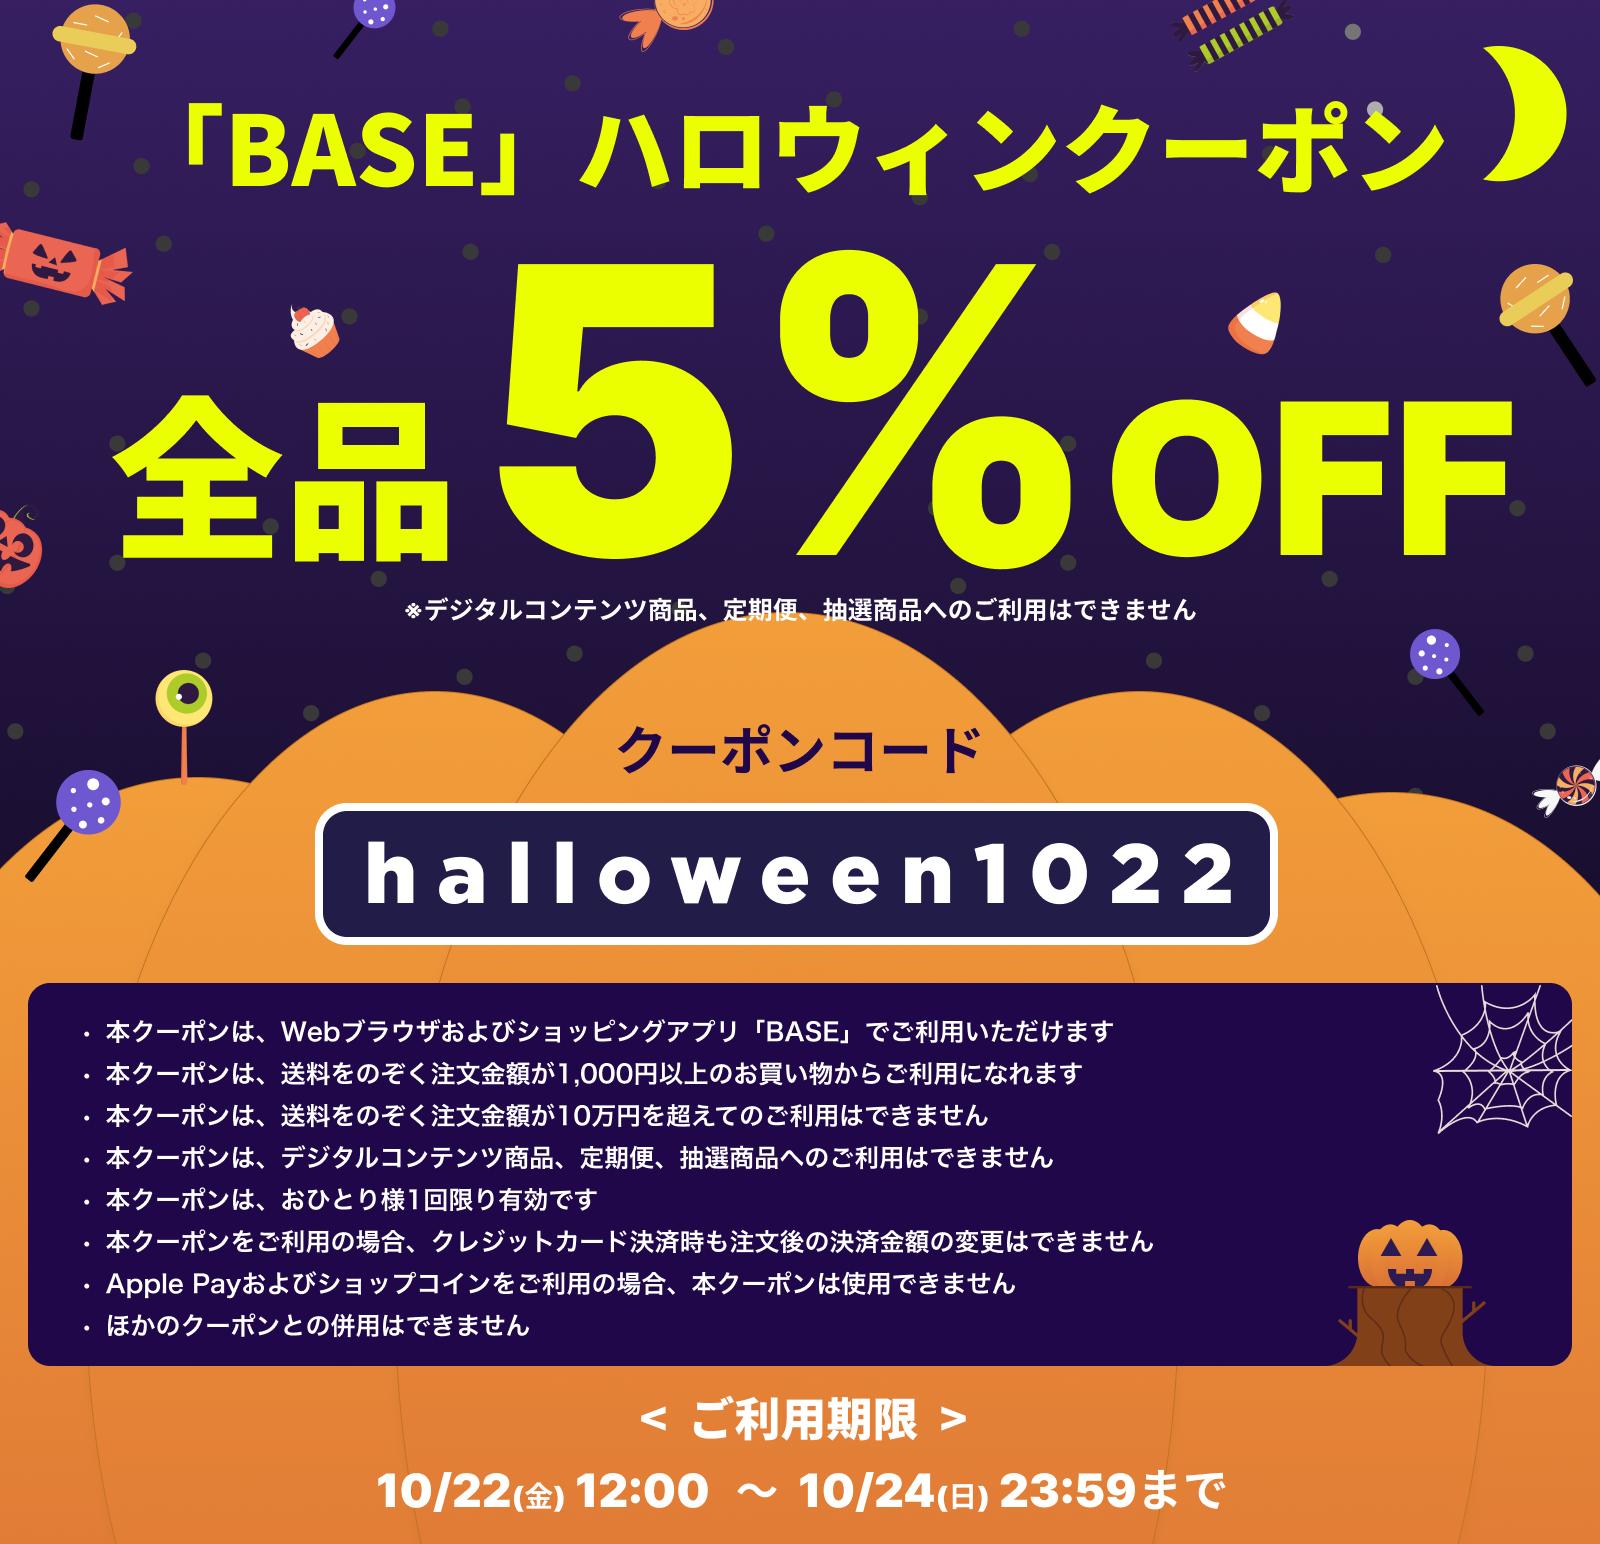 10月22日(金)〜24日(日)まで5%OFFお買い物クーポンをご利用いただけます